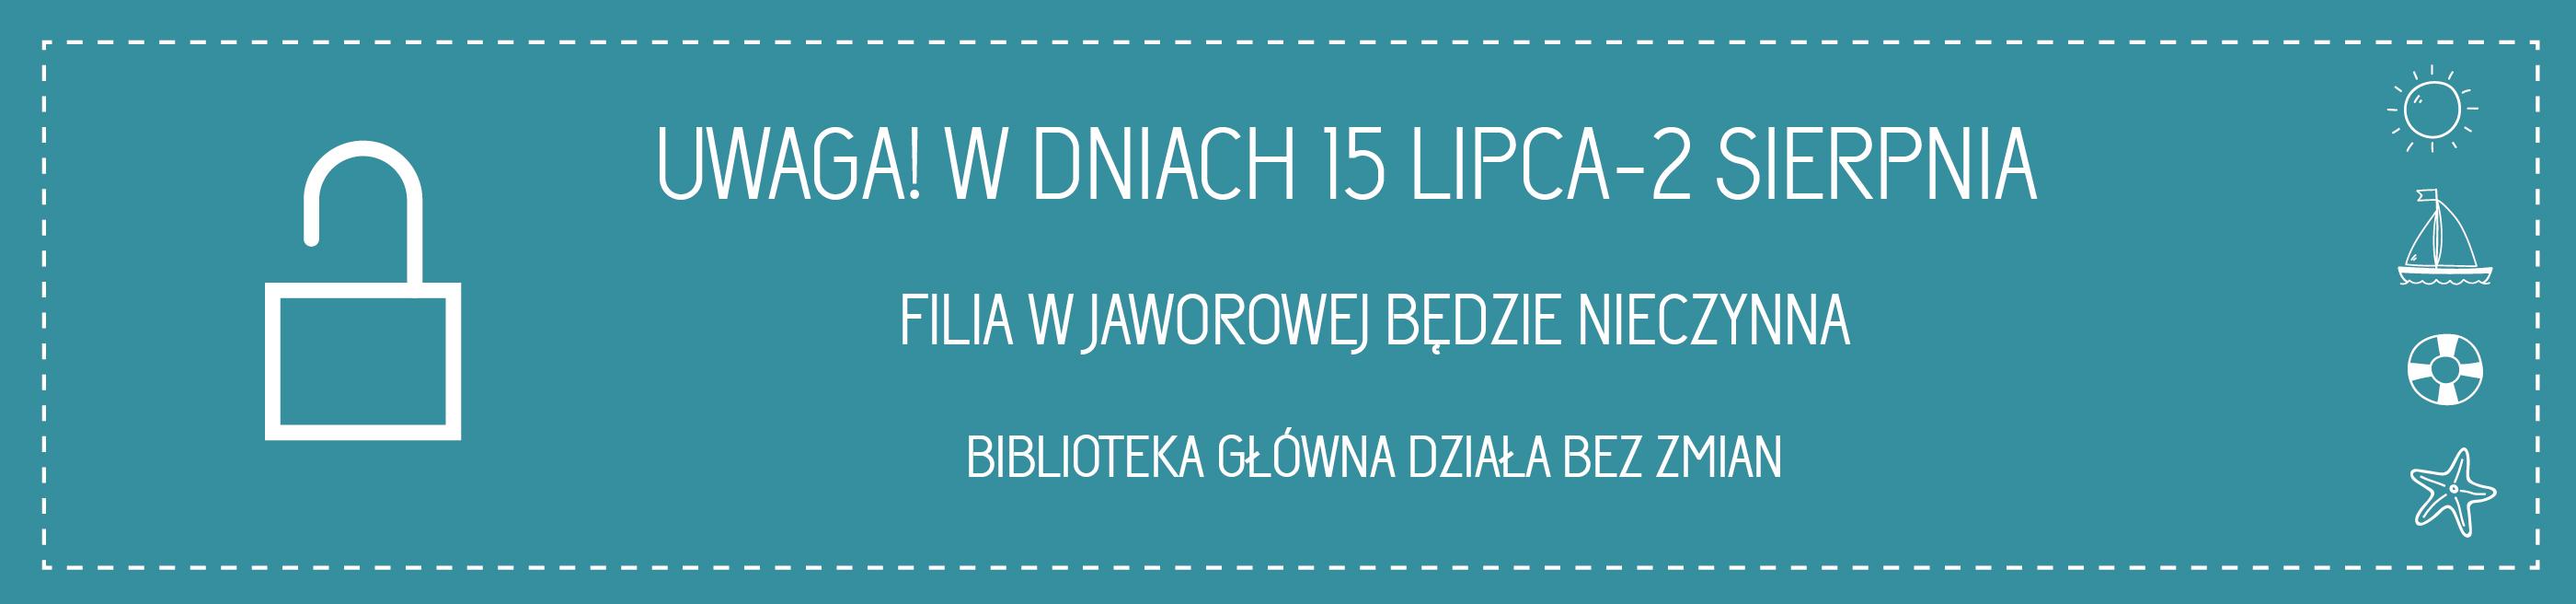 filia-zm-godz